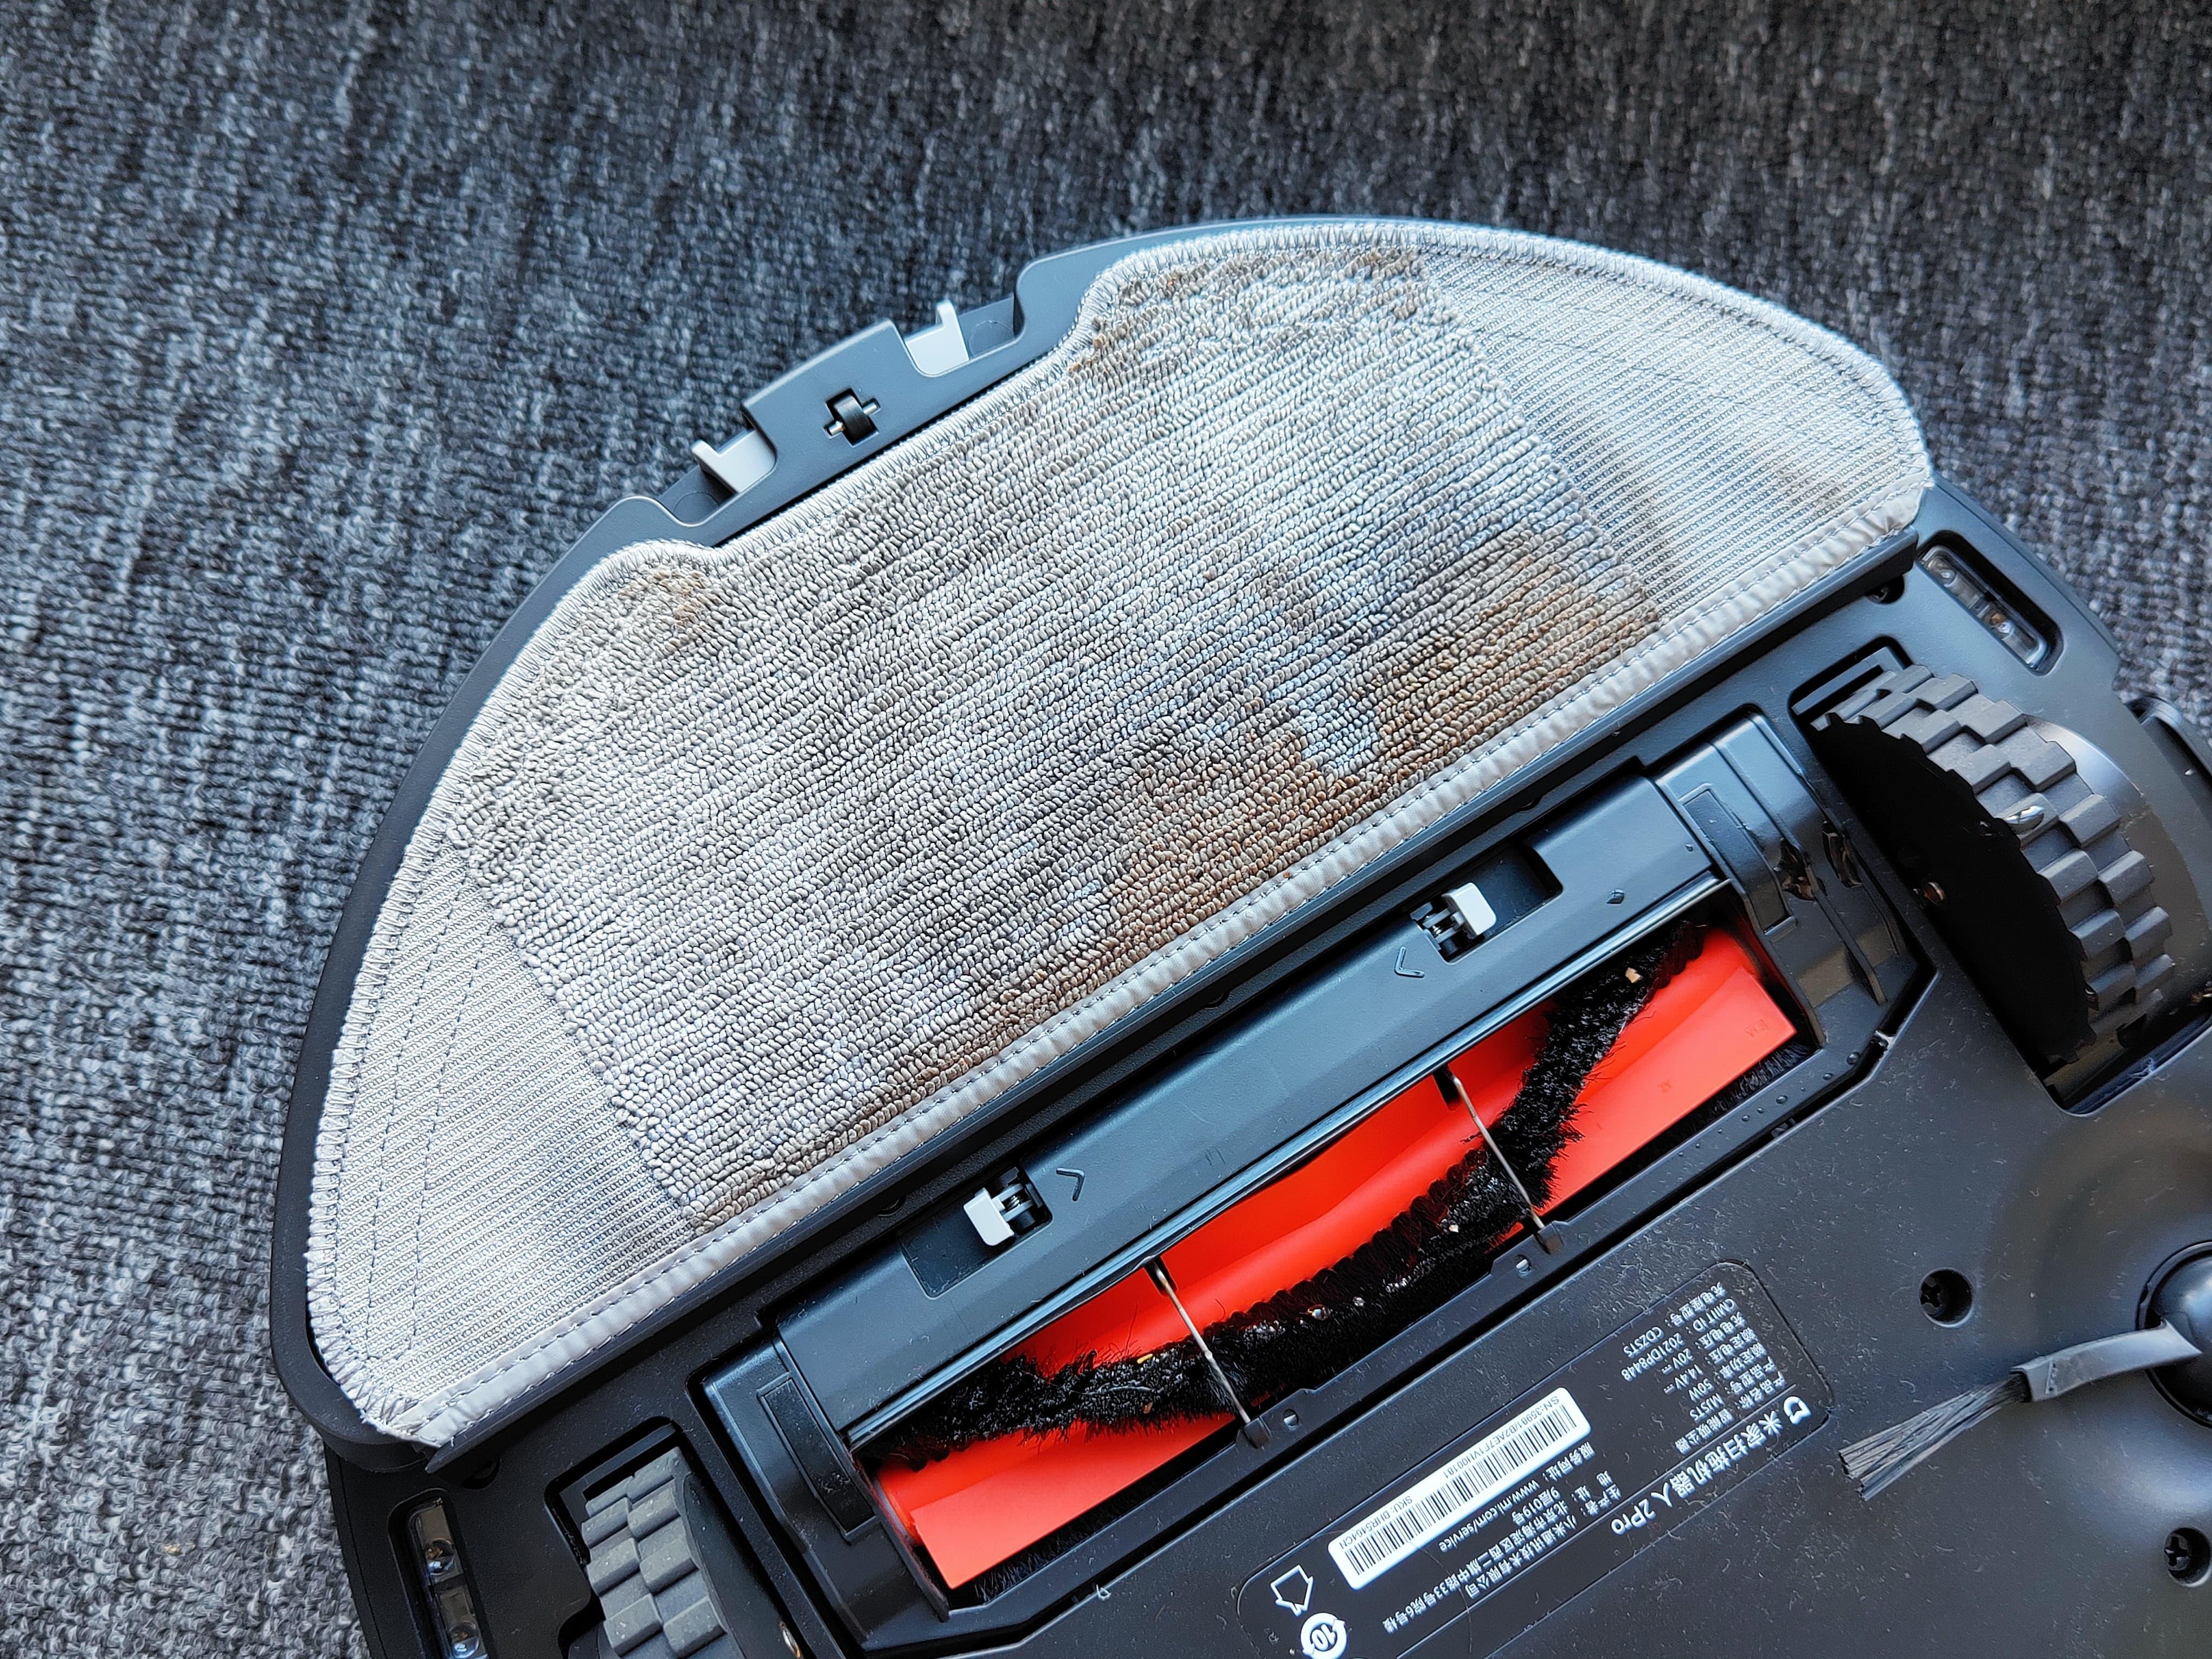 米家扫拖机器人 2Pro体验:拖地更好 价格更少